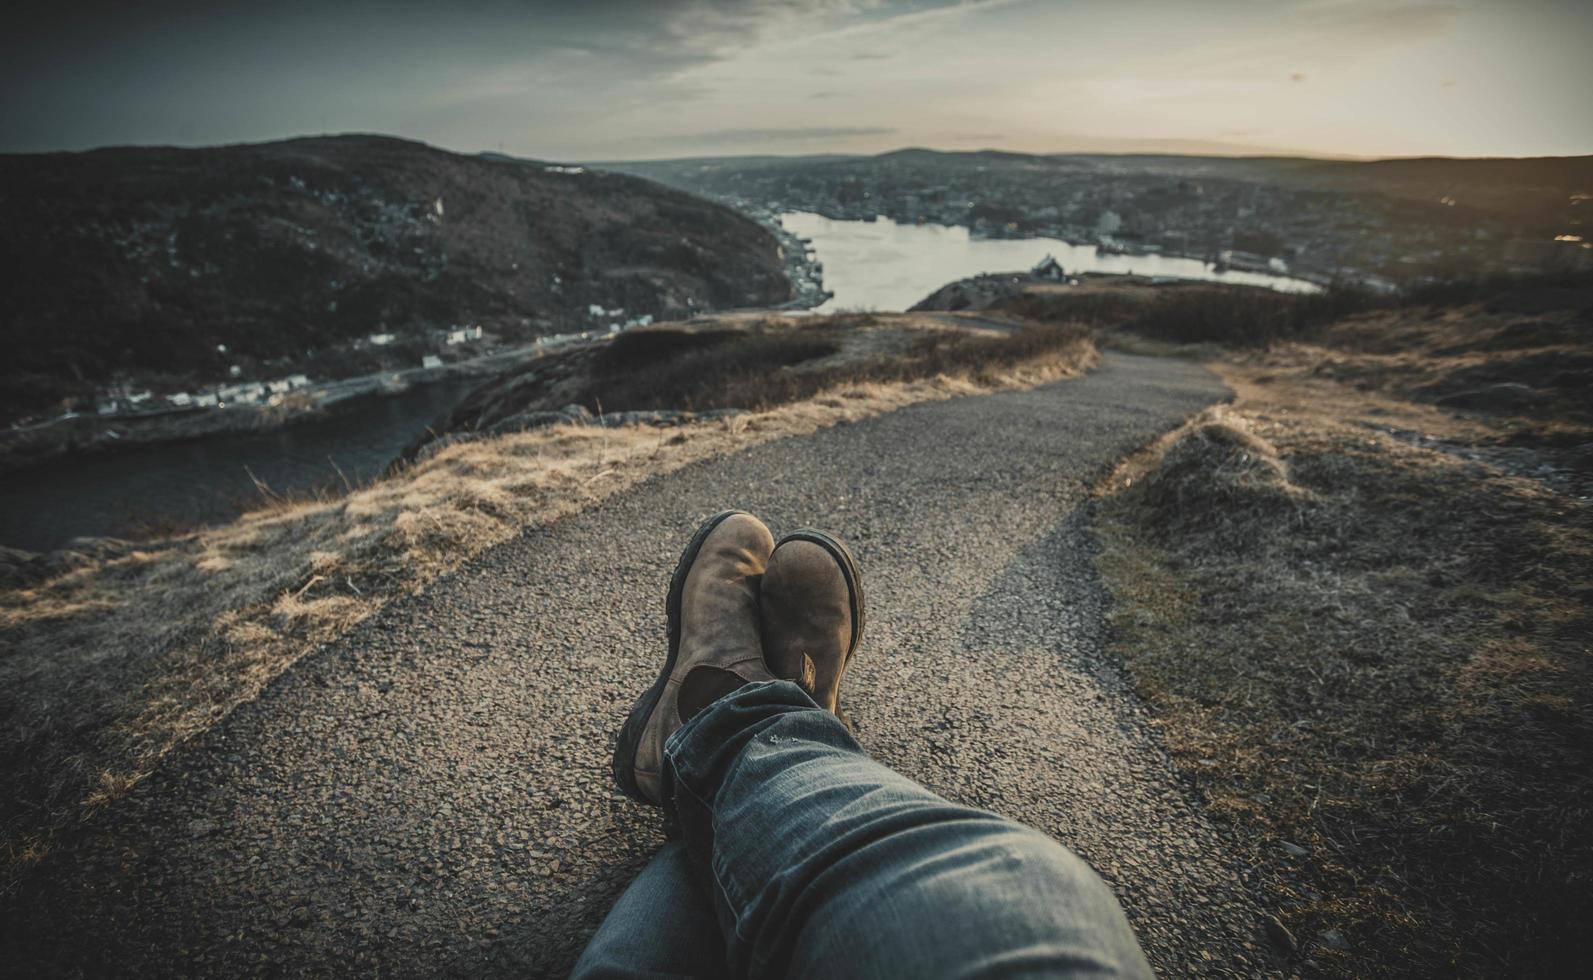 persoon zittend op bruine rotsformatie in de buurt van water foto